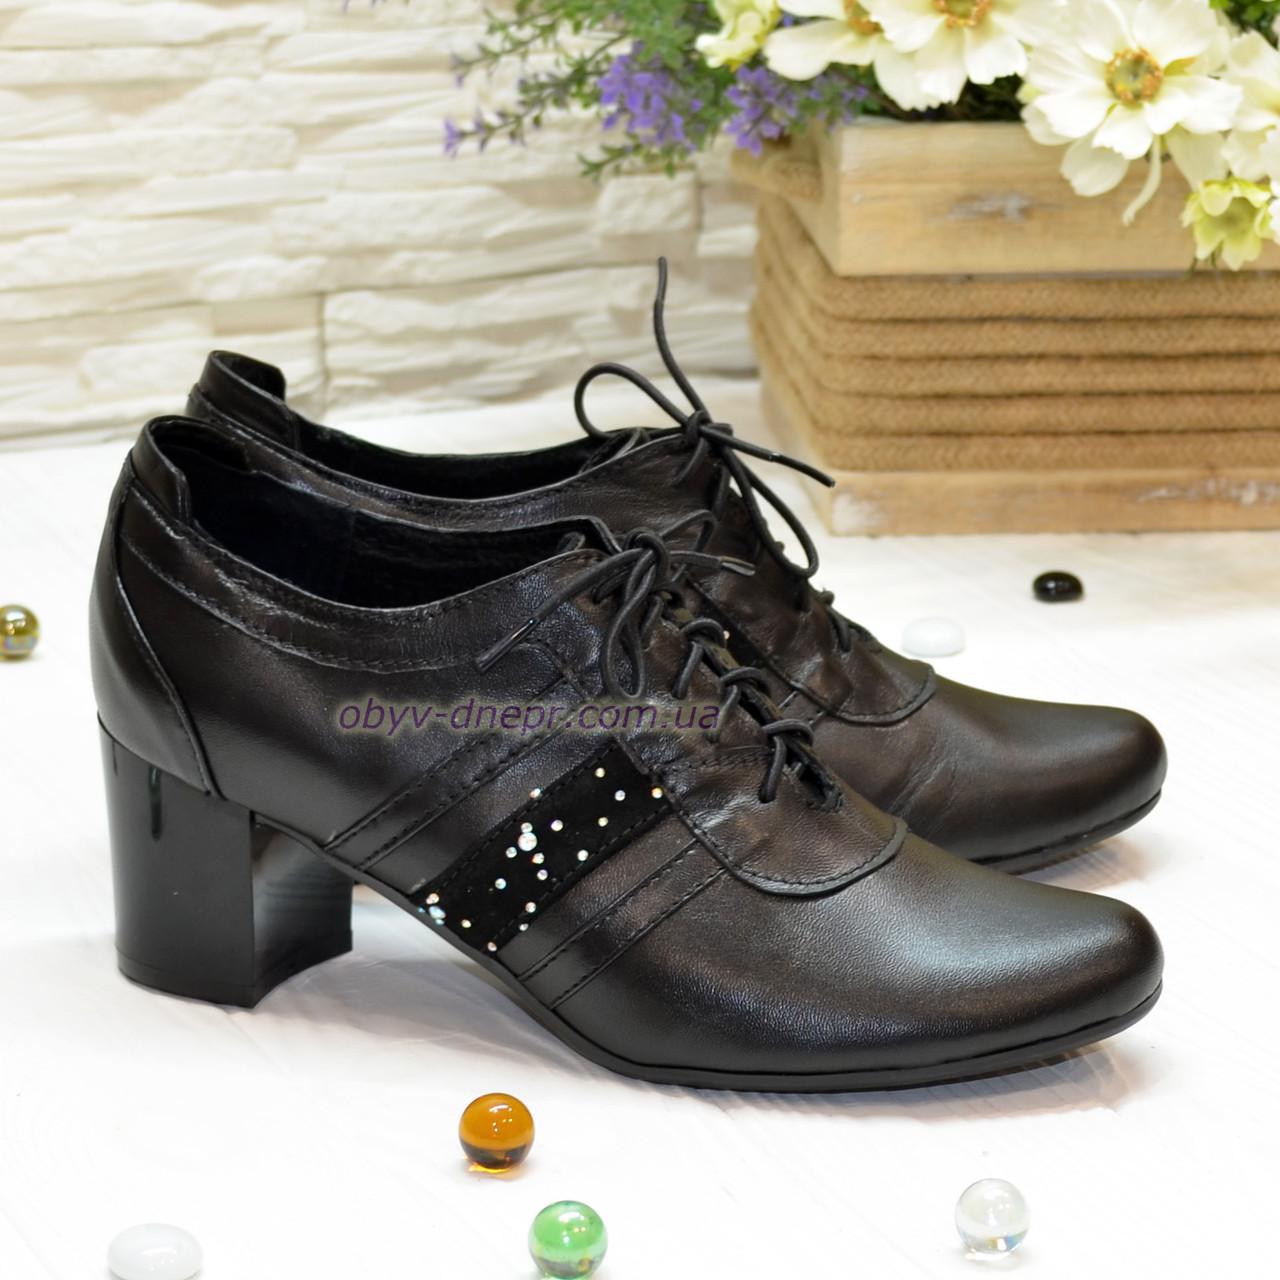 """Туфли женские кожаные на каблуке декорированные камнями. ТМ """"Maestro"""""""